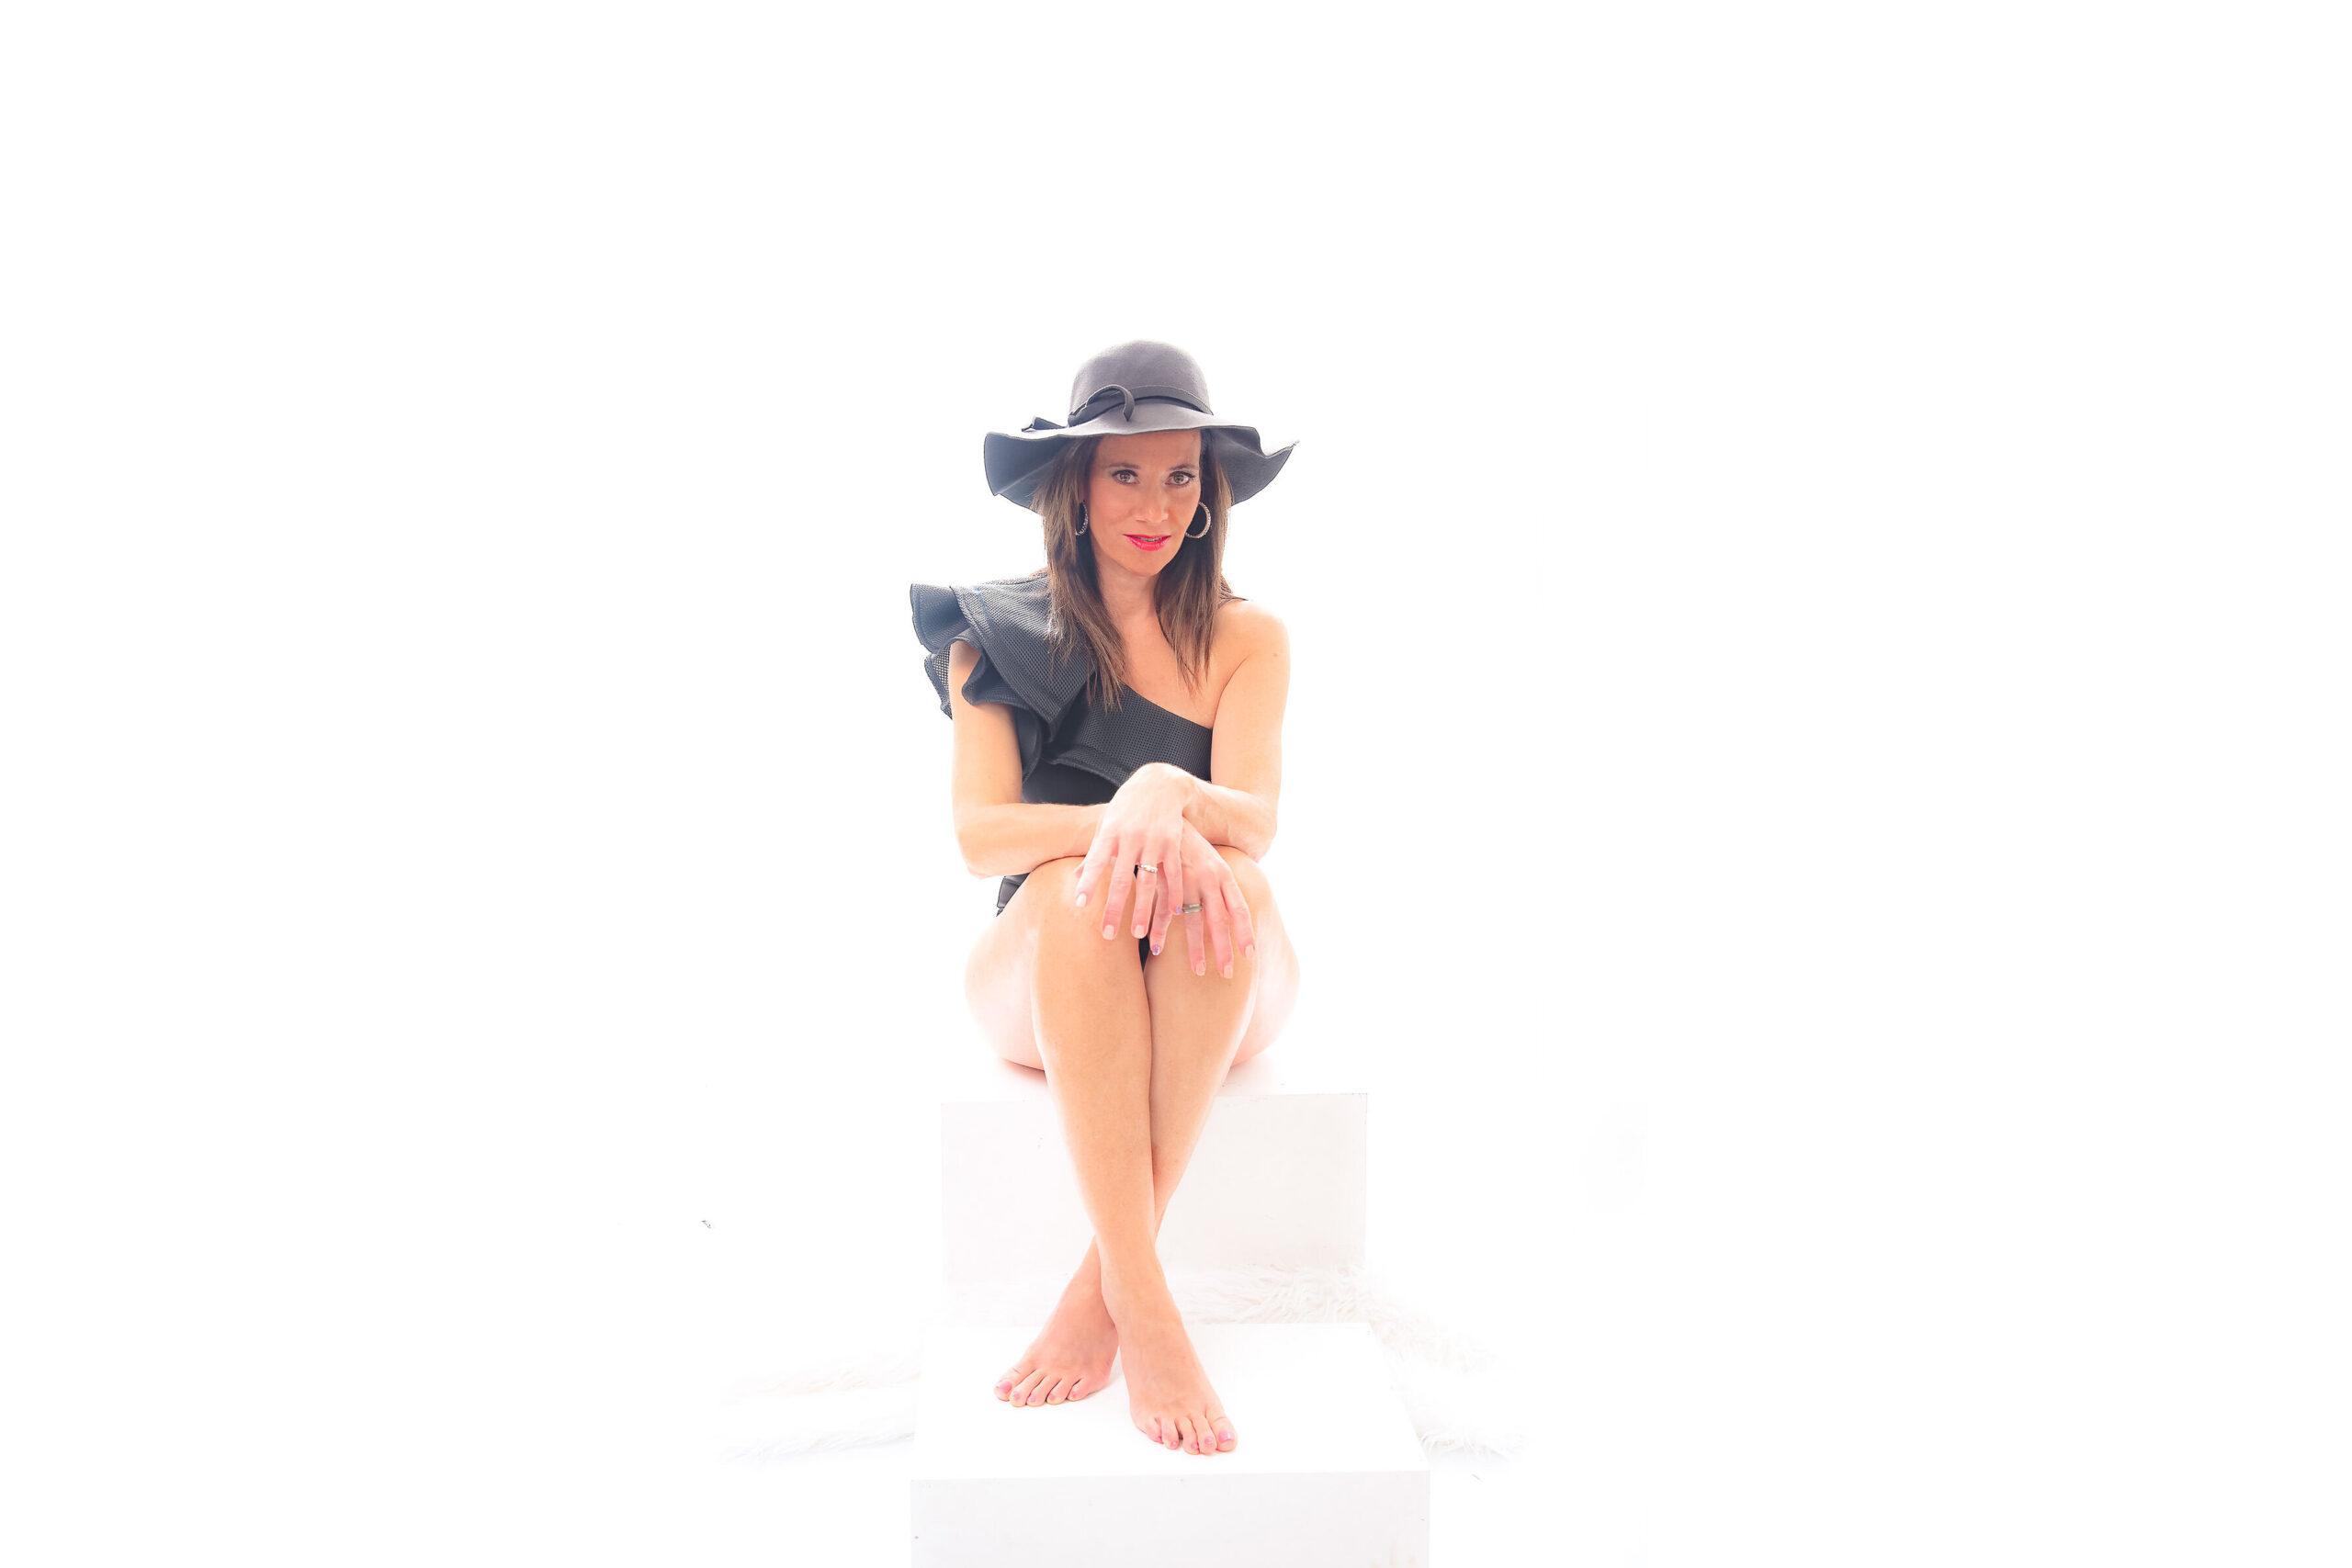 Fabulous40Plus Portrait Special featuring Michelle Poulsen